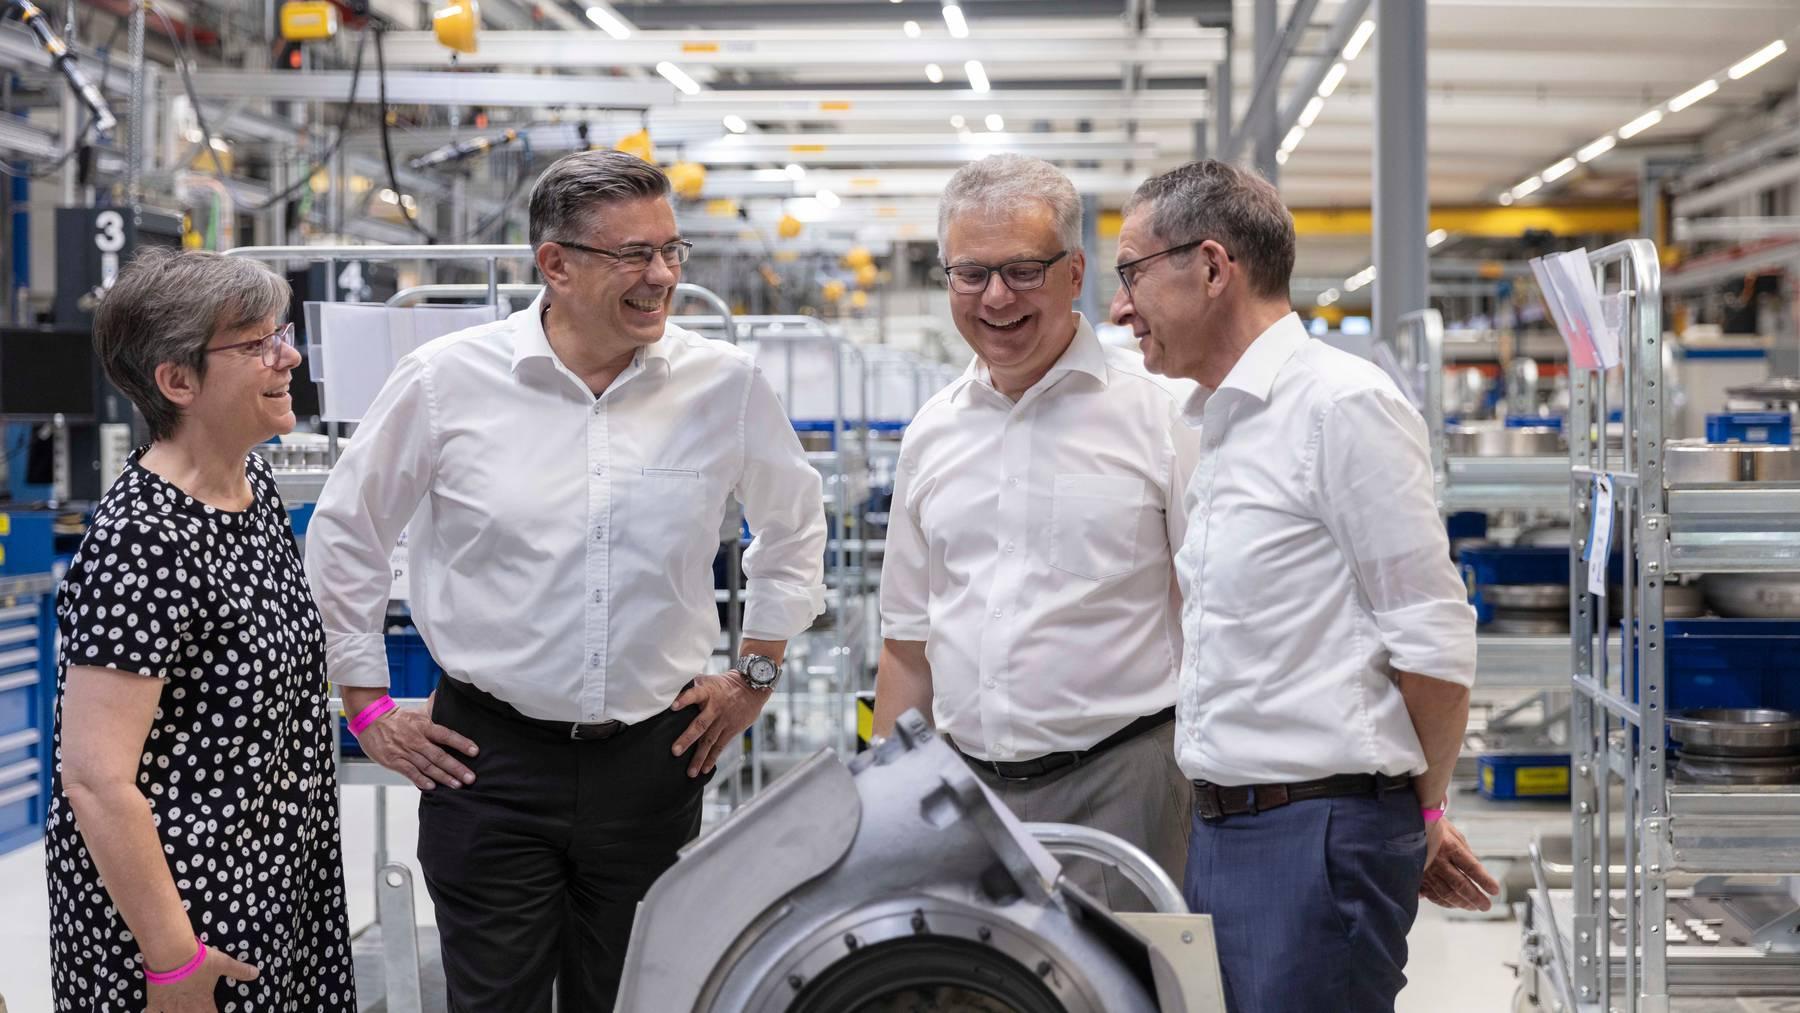 Der Aargauer Volkswirtschaftsdirektor Urs Hofmann (rechts) 1999 beim Besuch der Turbolader-Fabrik mit Vertretern des Badener Stadtrates.